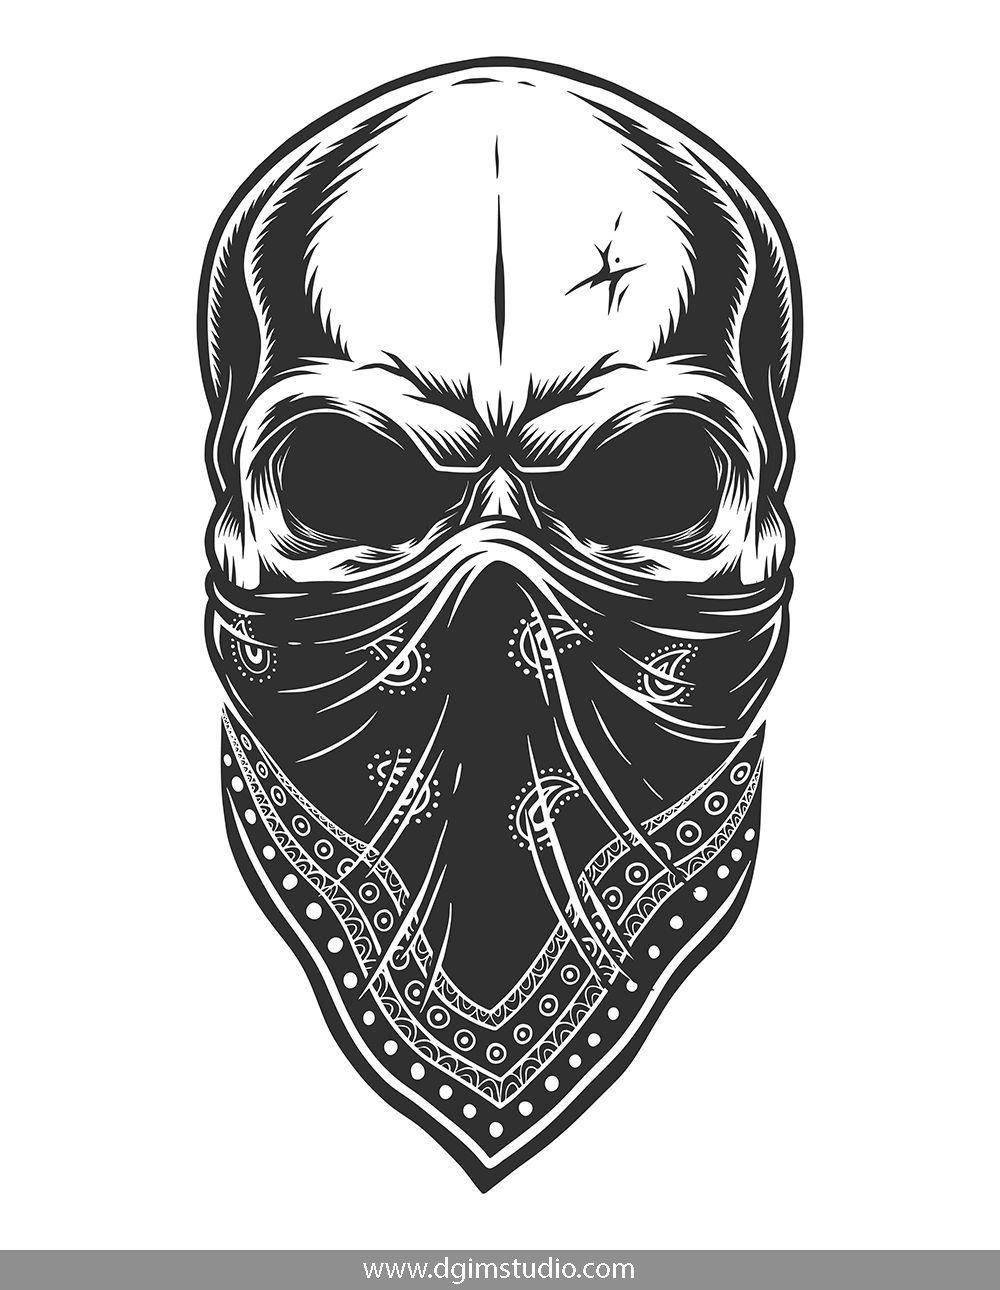 Skull creator in 2020 Skull illustration, Skull sketch